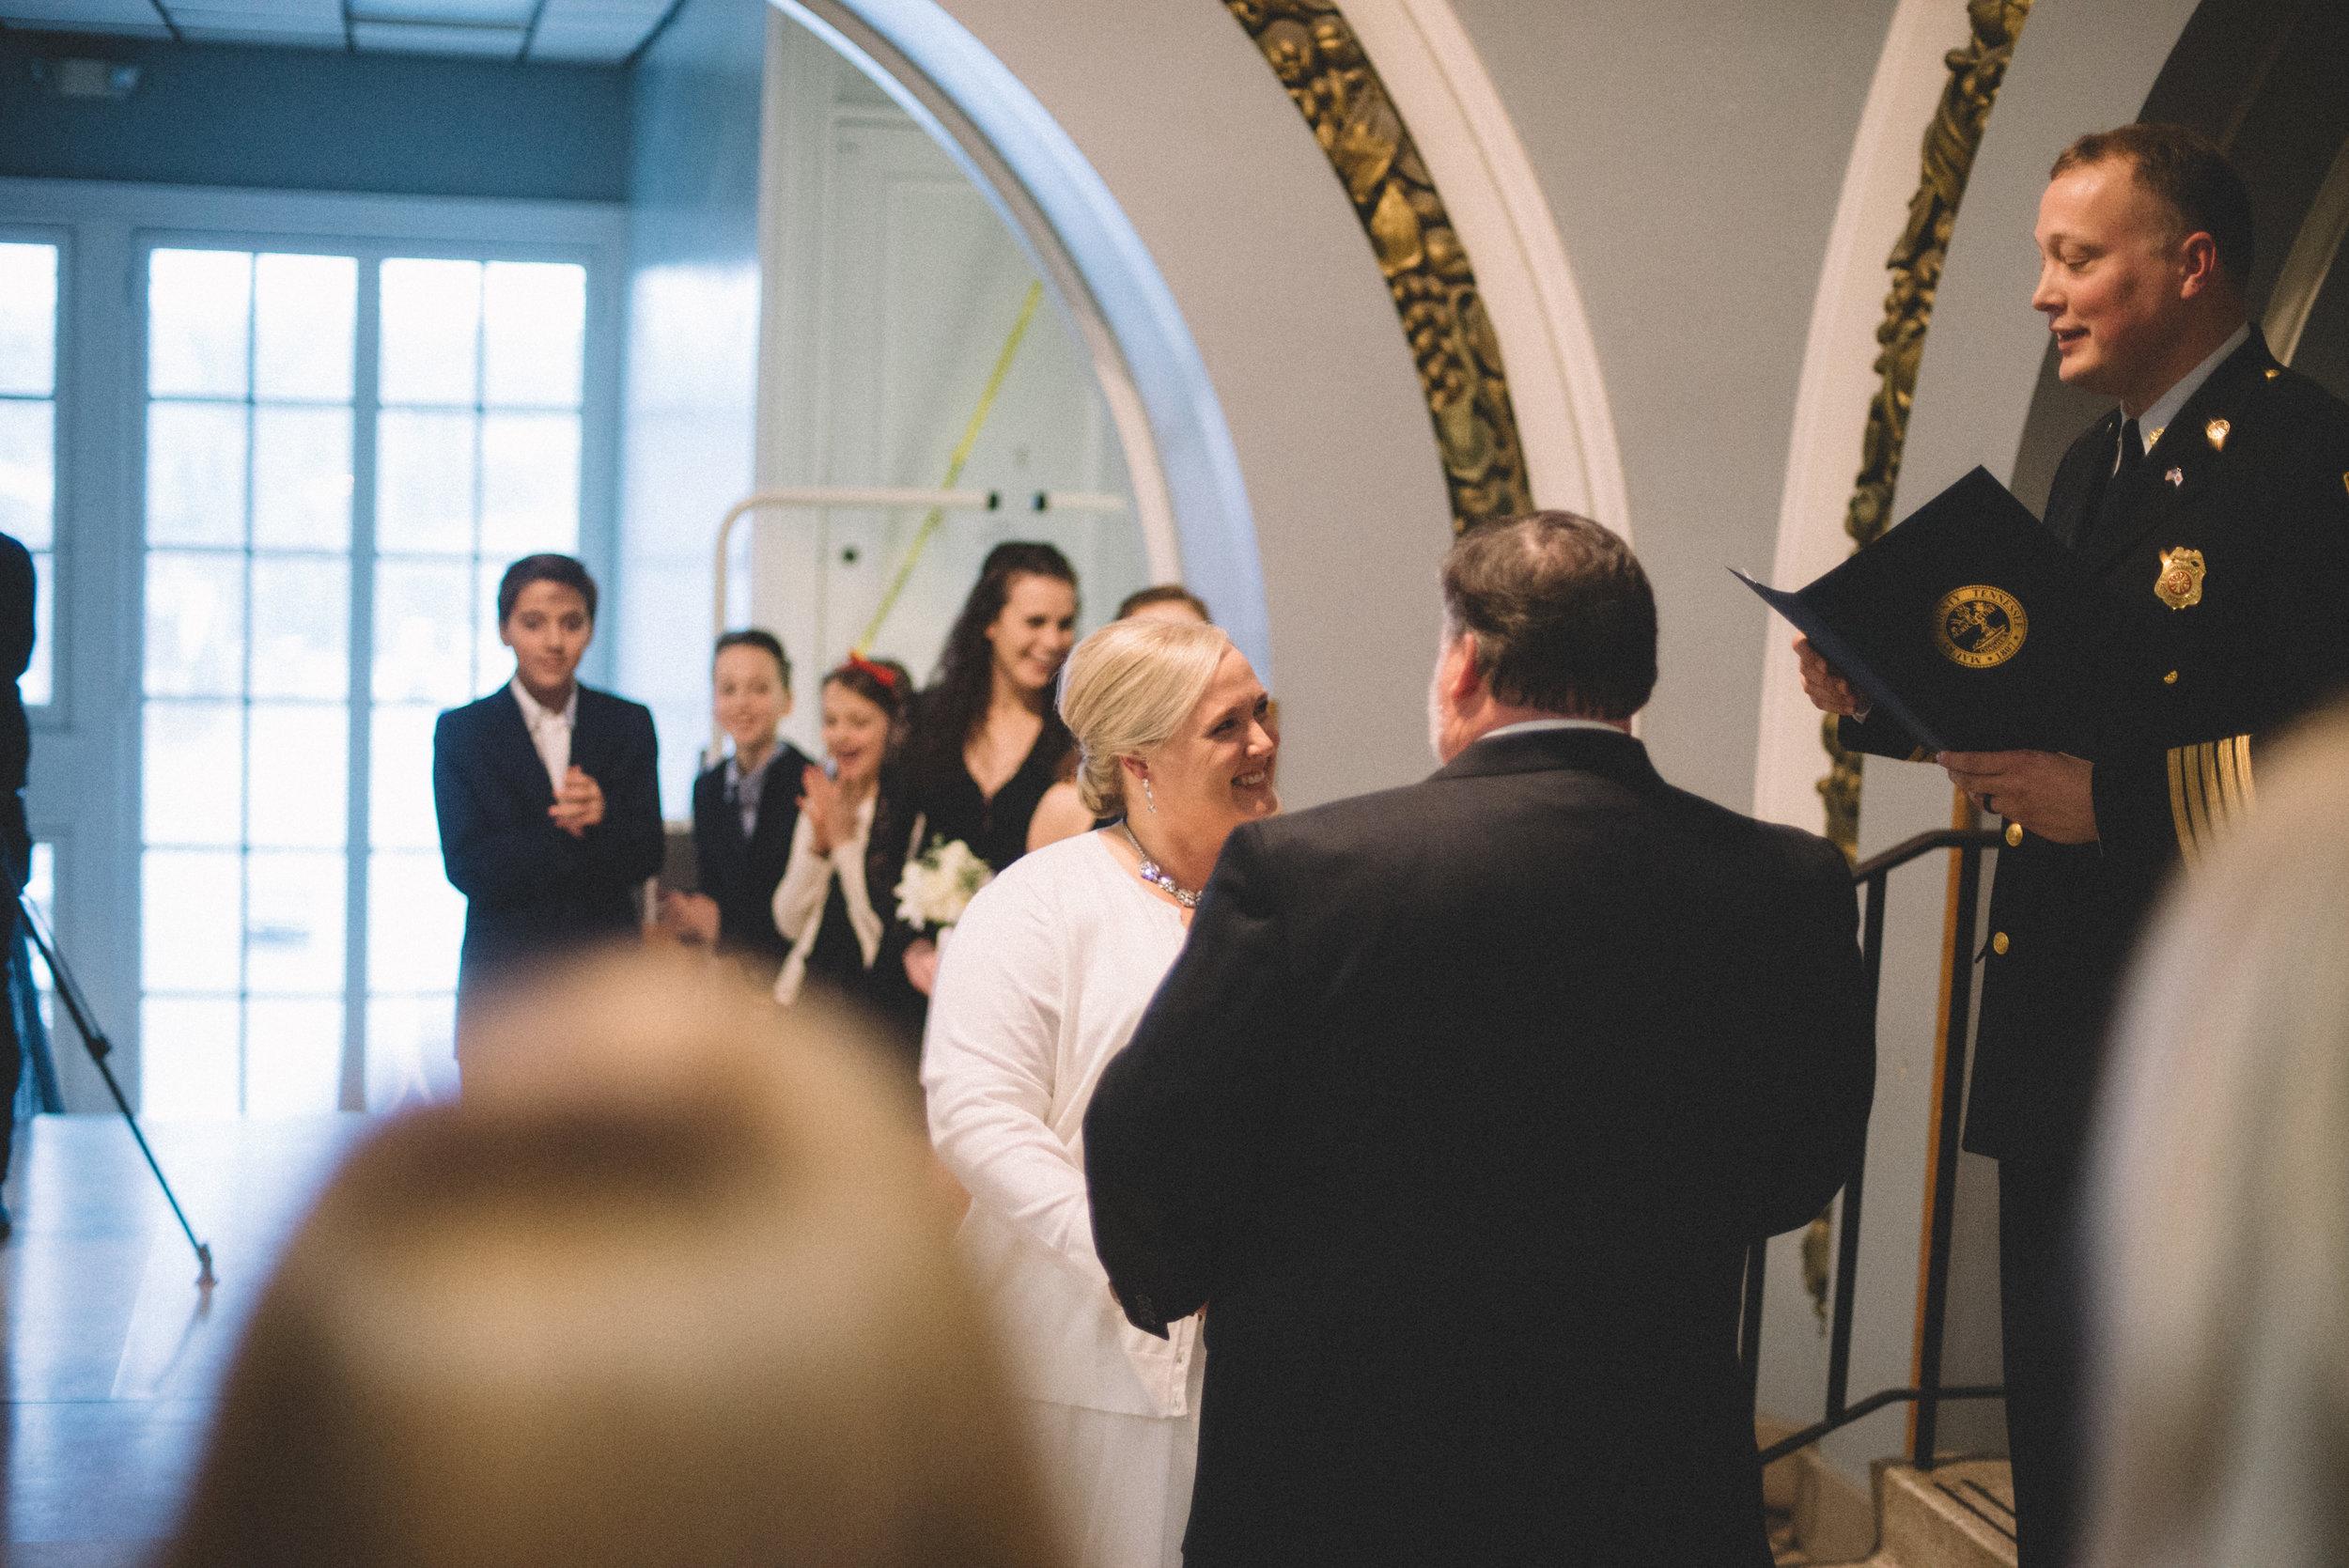 Kei+Derik Wedding Day - Detailsnashville